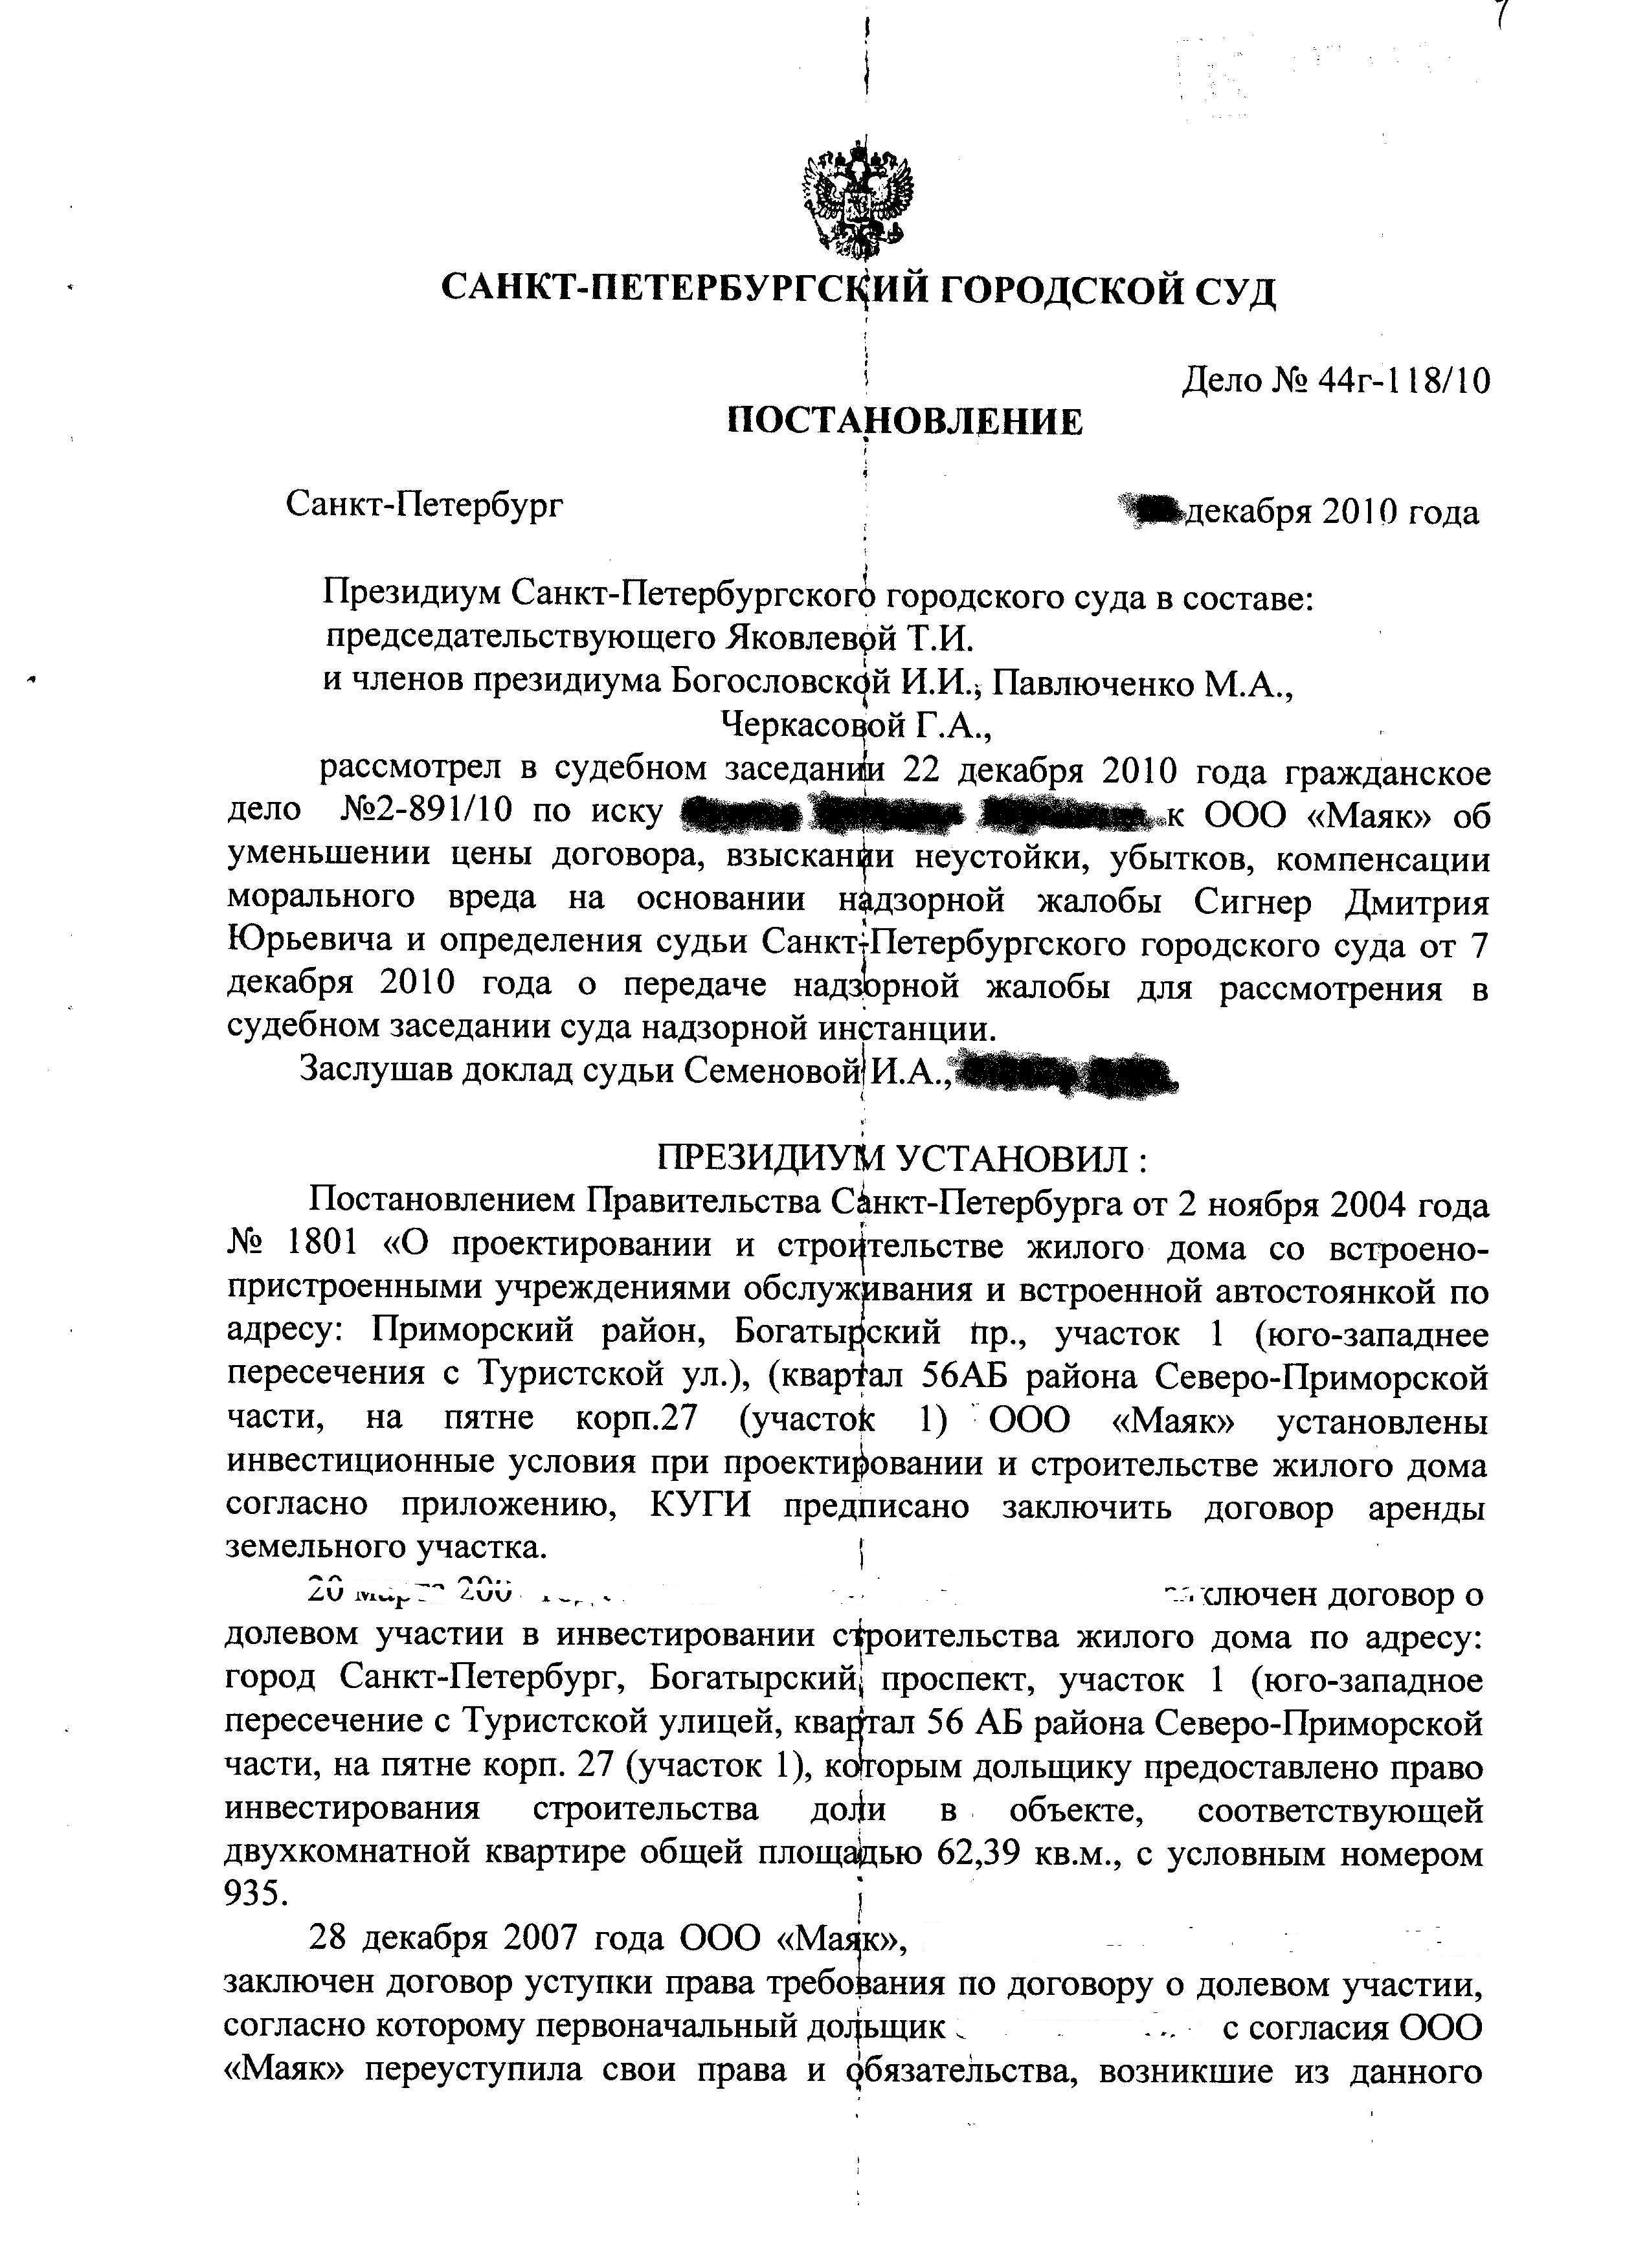 Образец заявления о возврате в суд искового заявления по алиментам